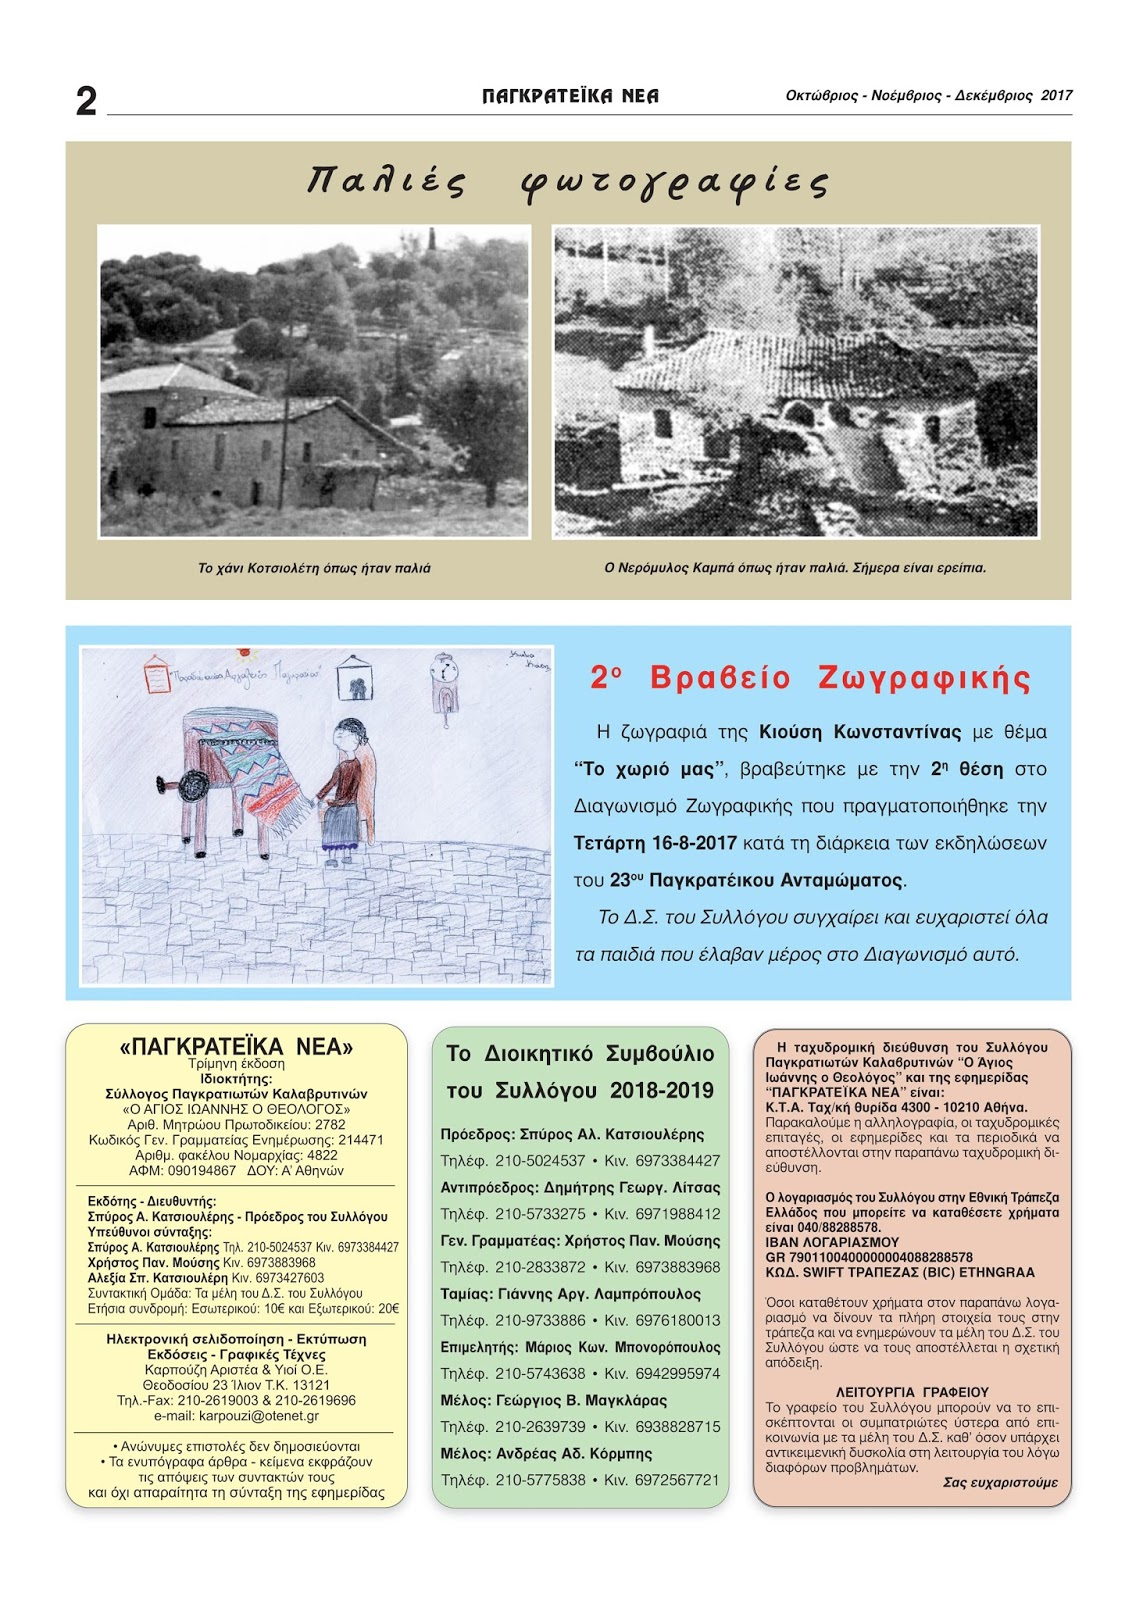 dc4e335f50 Κυκλοφόρησε το 84ο φύλλο της τριμηνιαίας έκδοσης (Οκτώβριος- Νοέμβριος -  Δεκέμβριος) του Συλλόγου των απανταχού Παγκρατιωτών Καλαβρυτινών    Παγκρατεϊκα ...